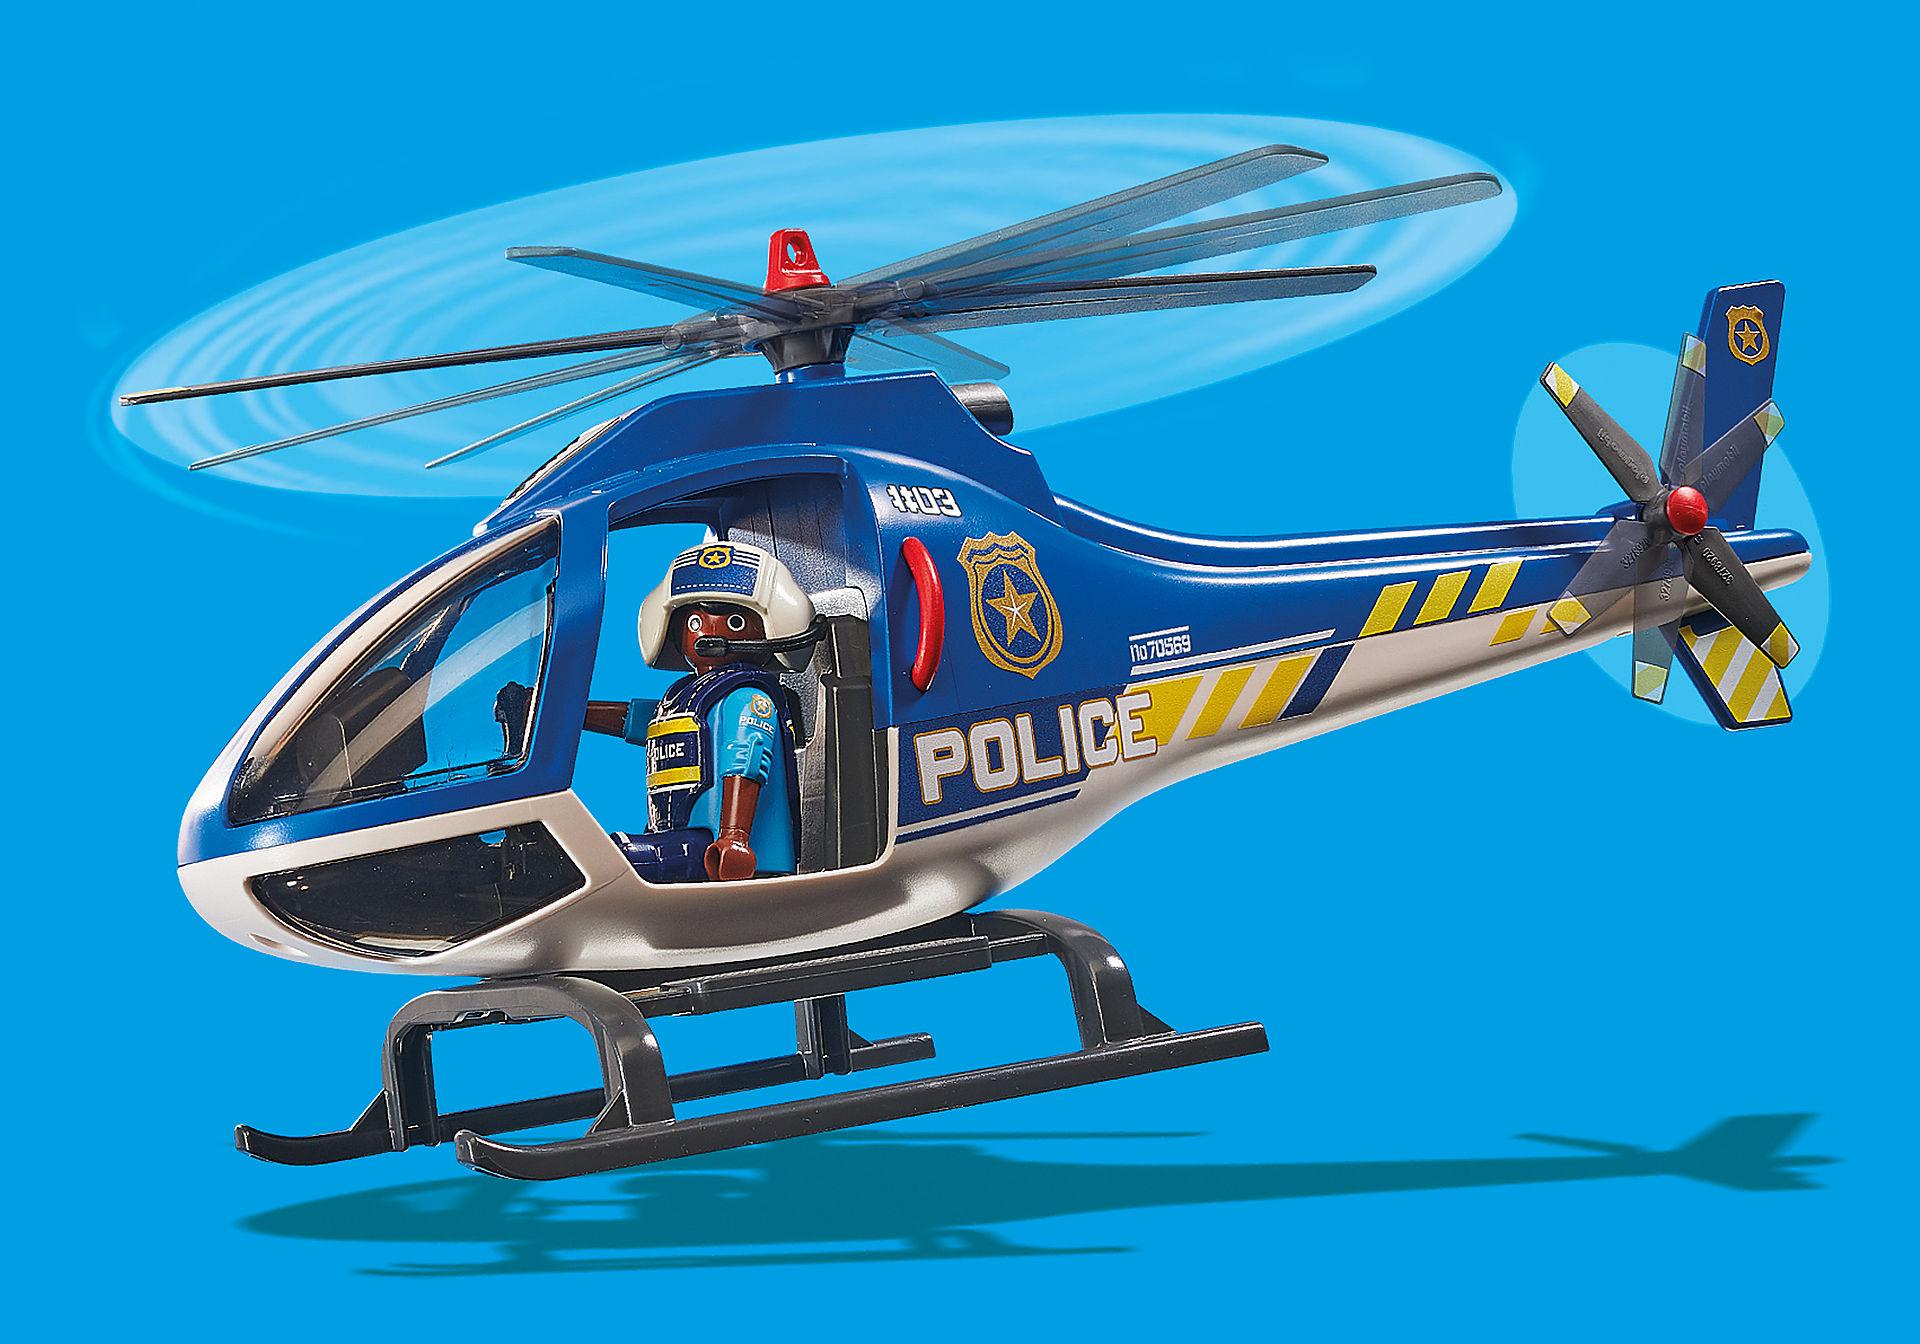 70569 Policyjny śmigłowiec: Ucieczka ze spadochronem zoom image6